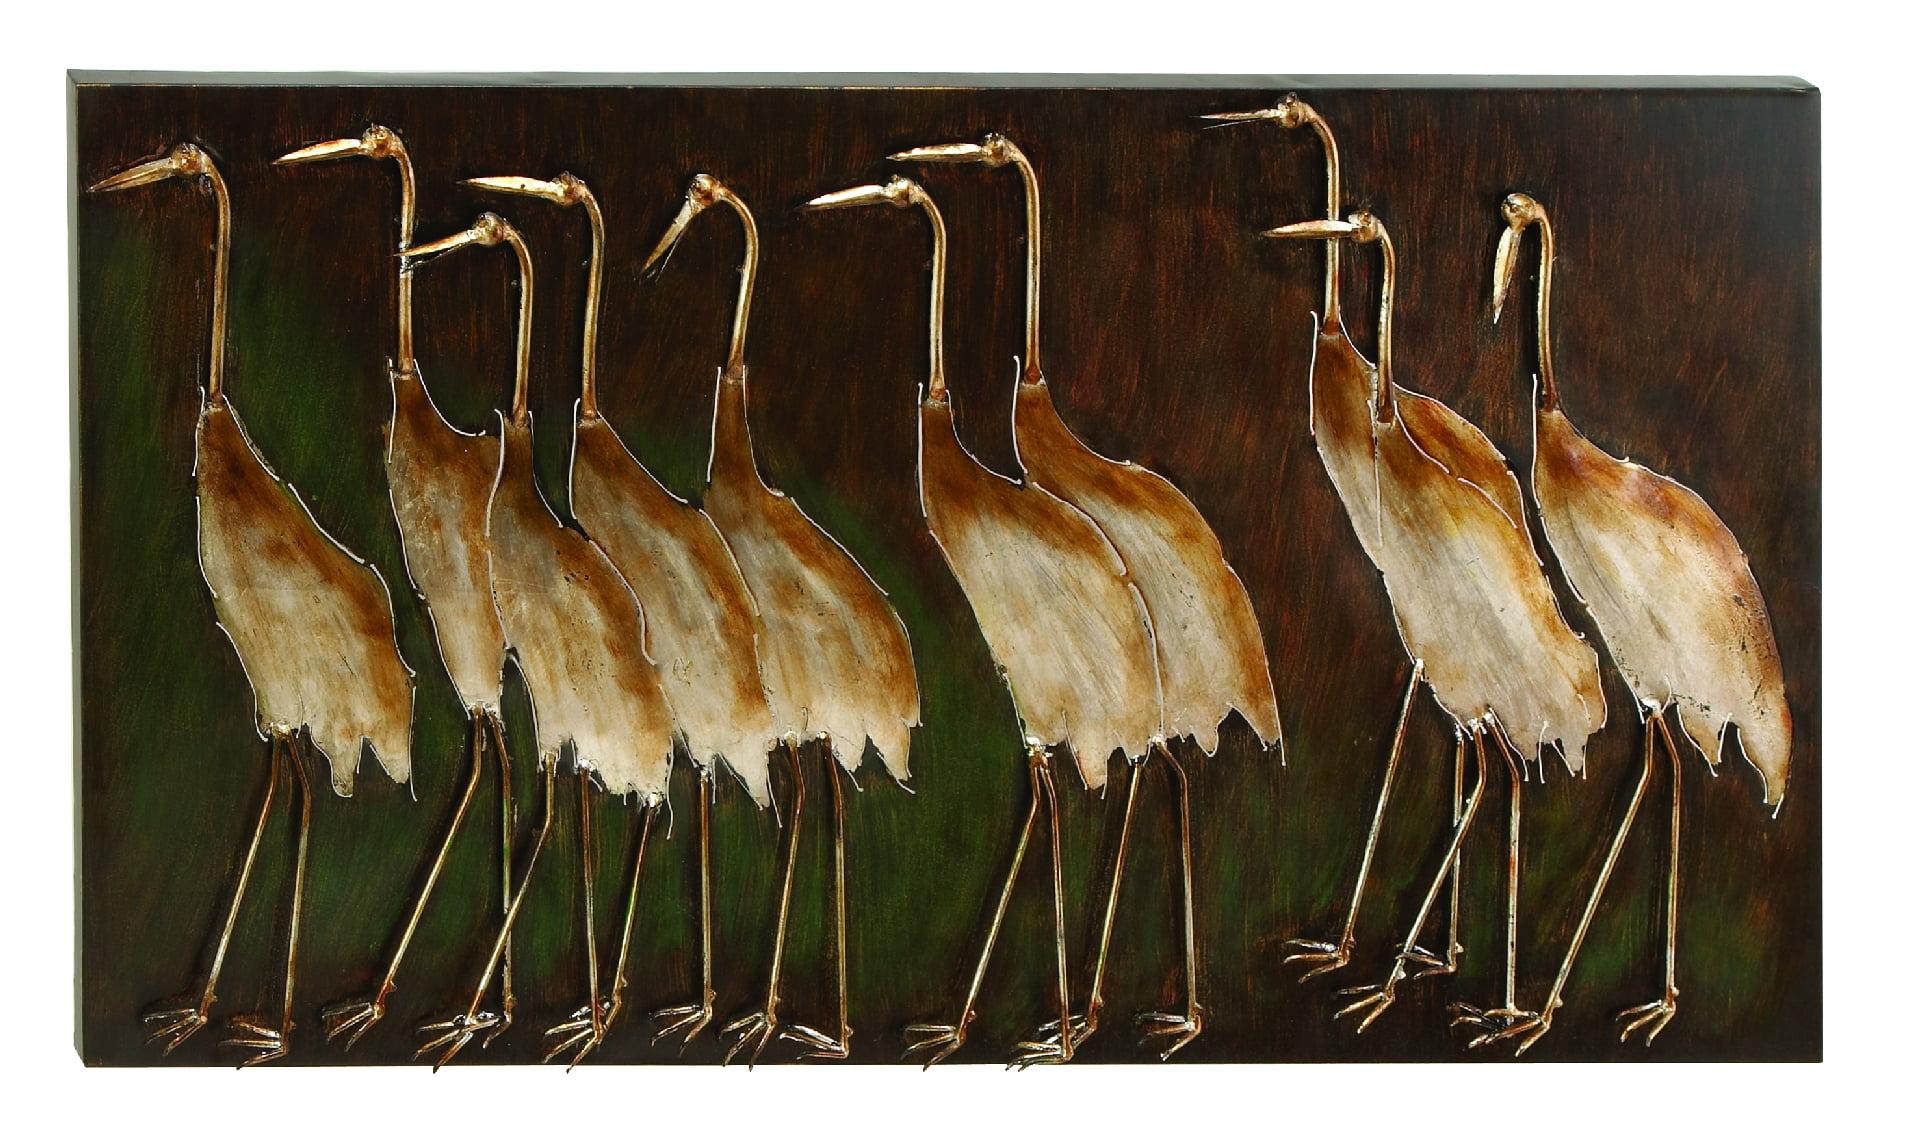 Metal Bird Wall Plaque Unique GardenDecor by Benzara